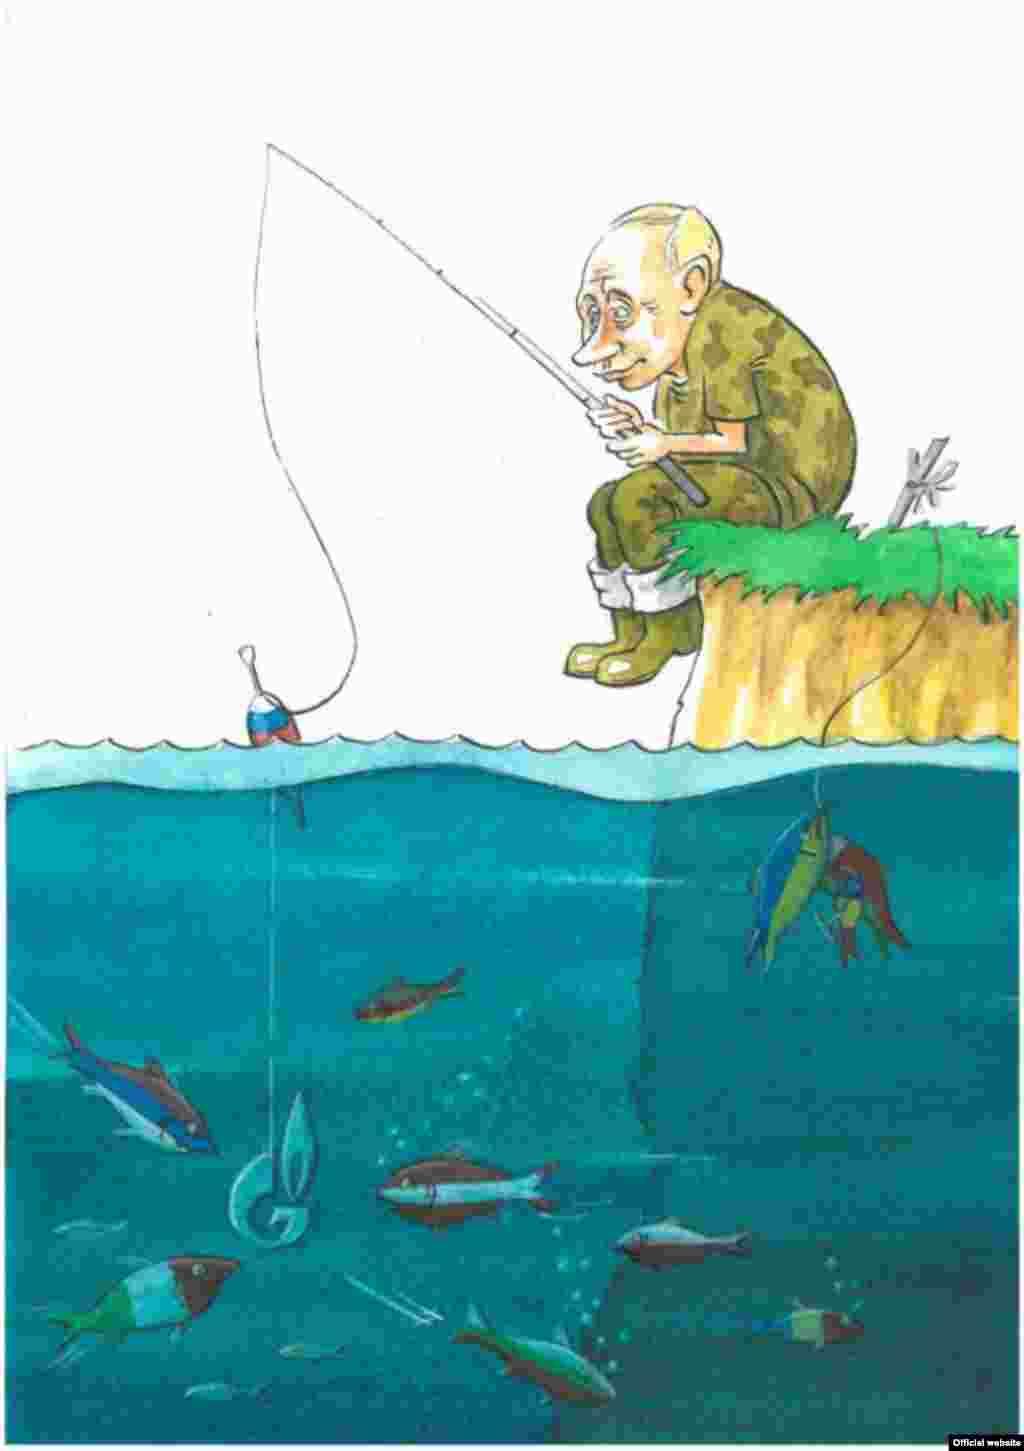 Работа Виктора Голуба, победителя Третьего международного конкурса карикатур